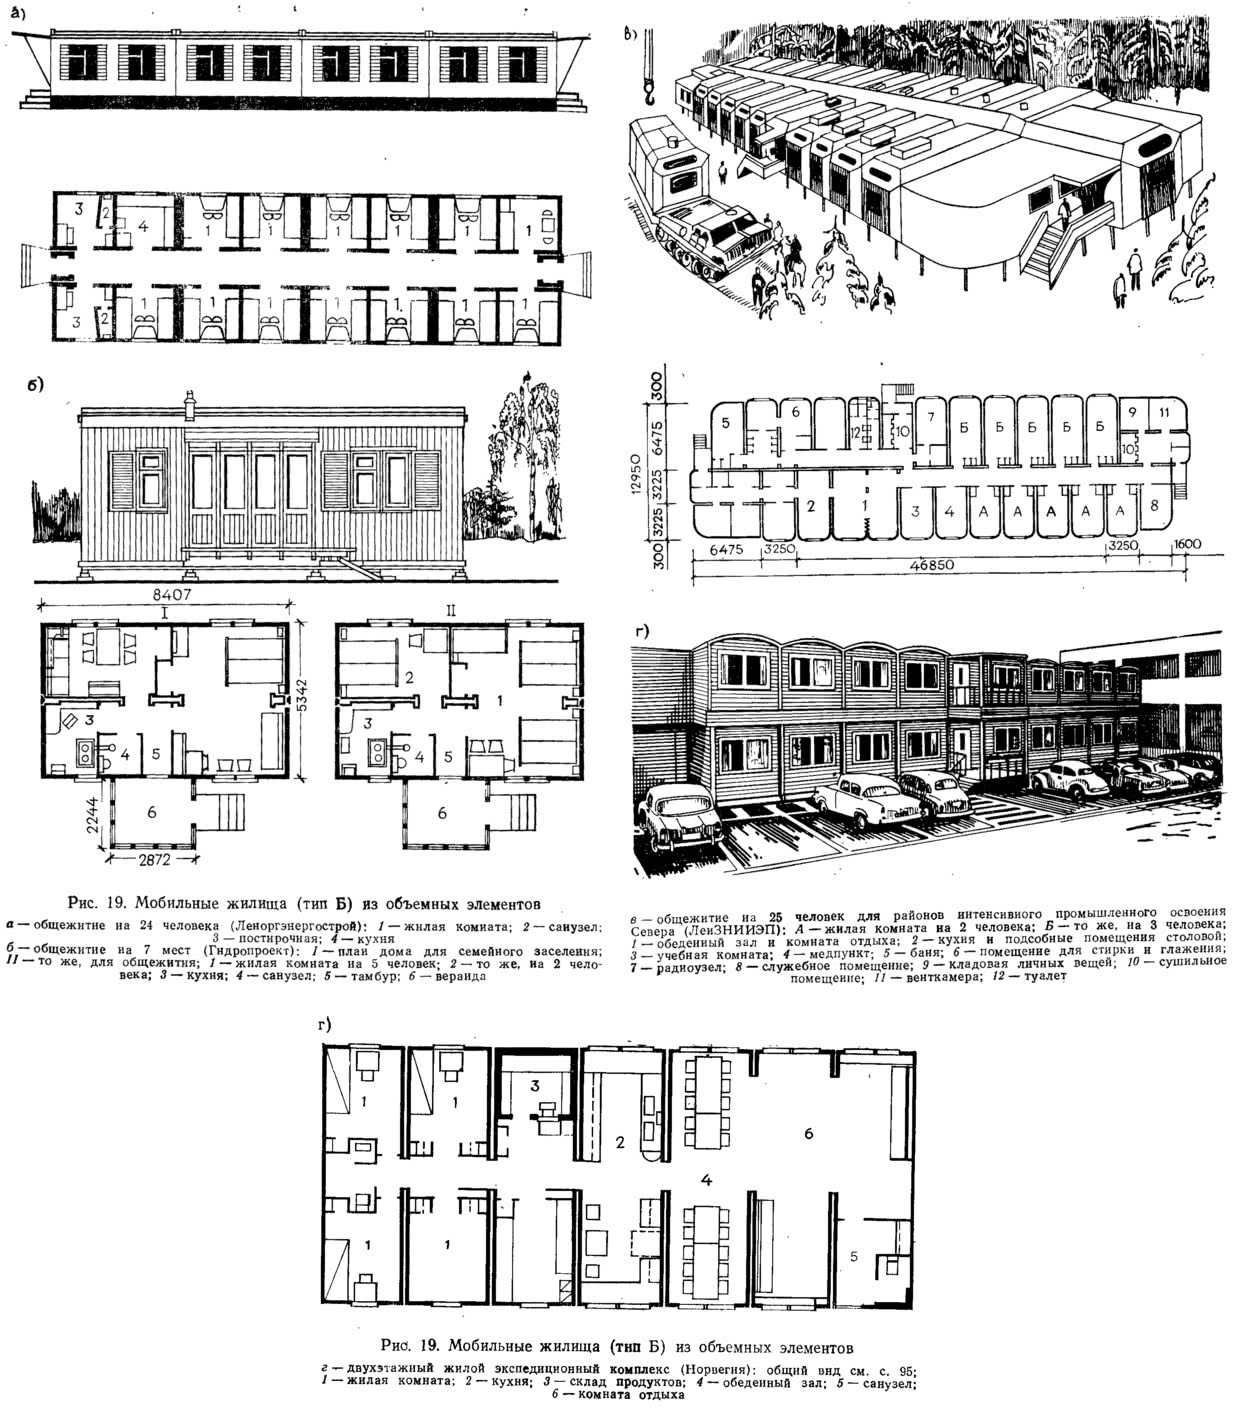 Рис. 19. Мобильные жилища (тип Б) из объемных элементов